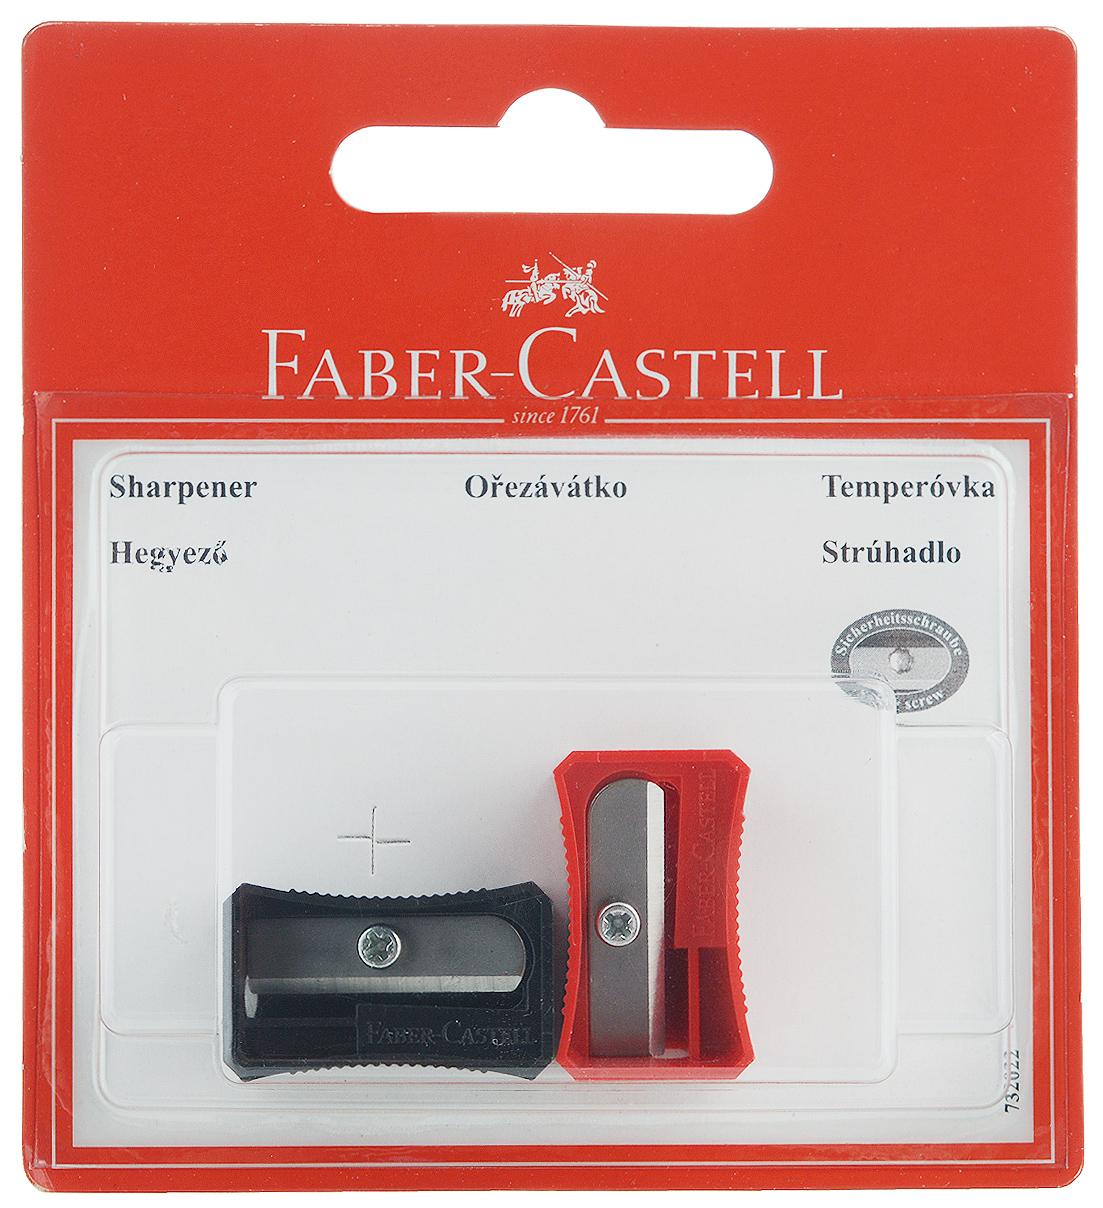 Faber-Castell Точилка цвет черный красный 2 шт72523WDНабор точилок Faber-Castell предназначен для затачивания классических простых и цветных карандашей. В наборе две точилки из прочного пластика с рифленой областью захвата. Острые стальные лезвия обеспечивают высококачественную и точную заточку деревянных карандашей.